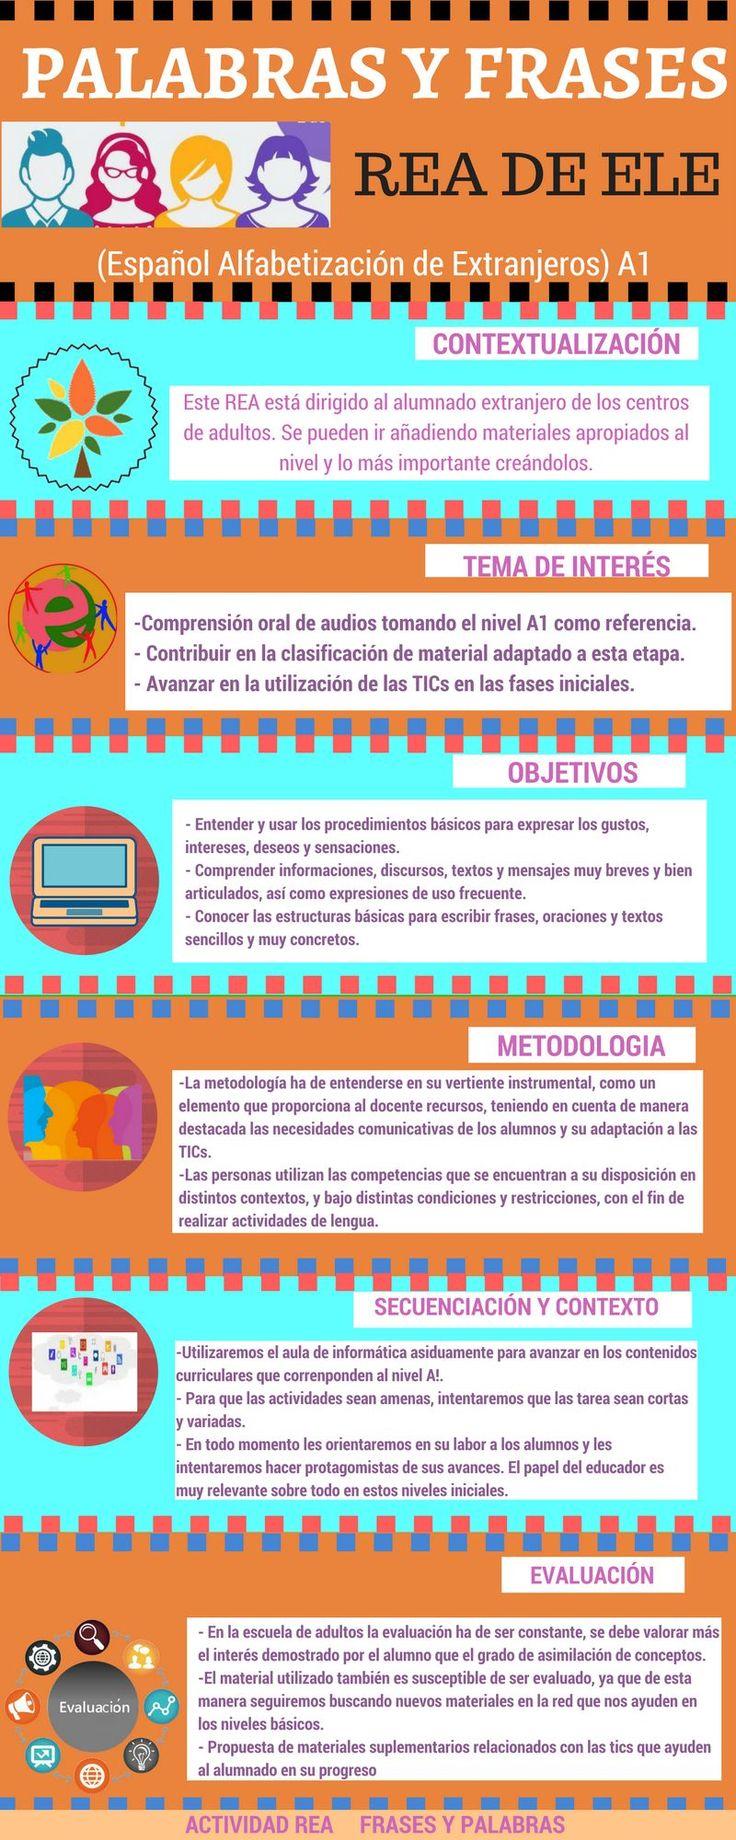 infografía elaborada para analizar mi REA Público en la red